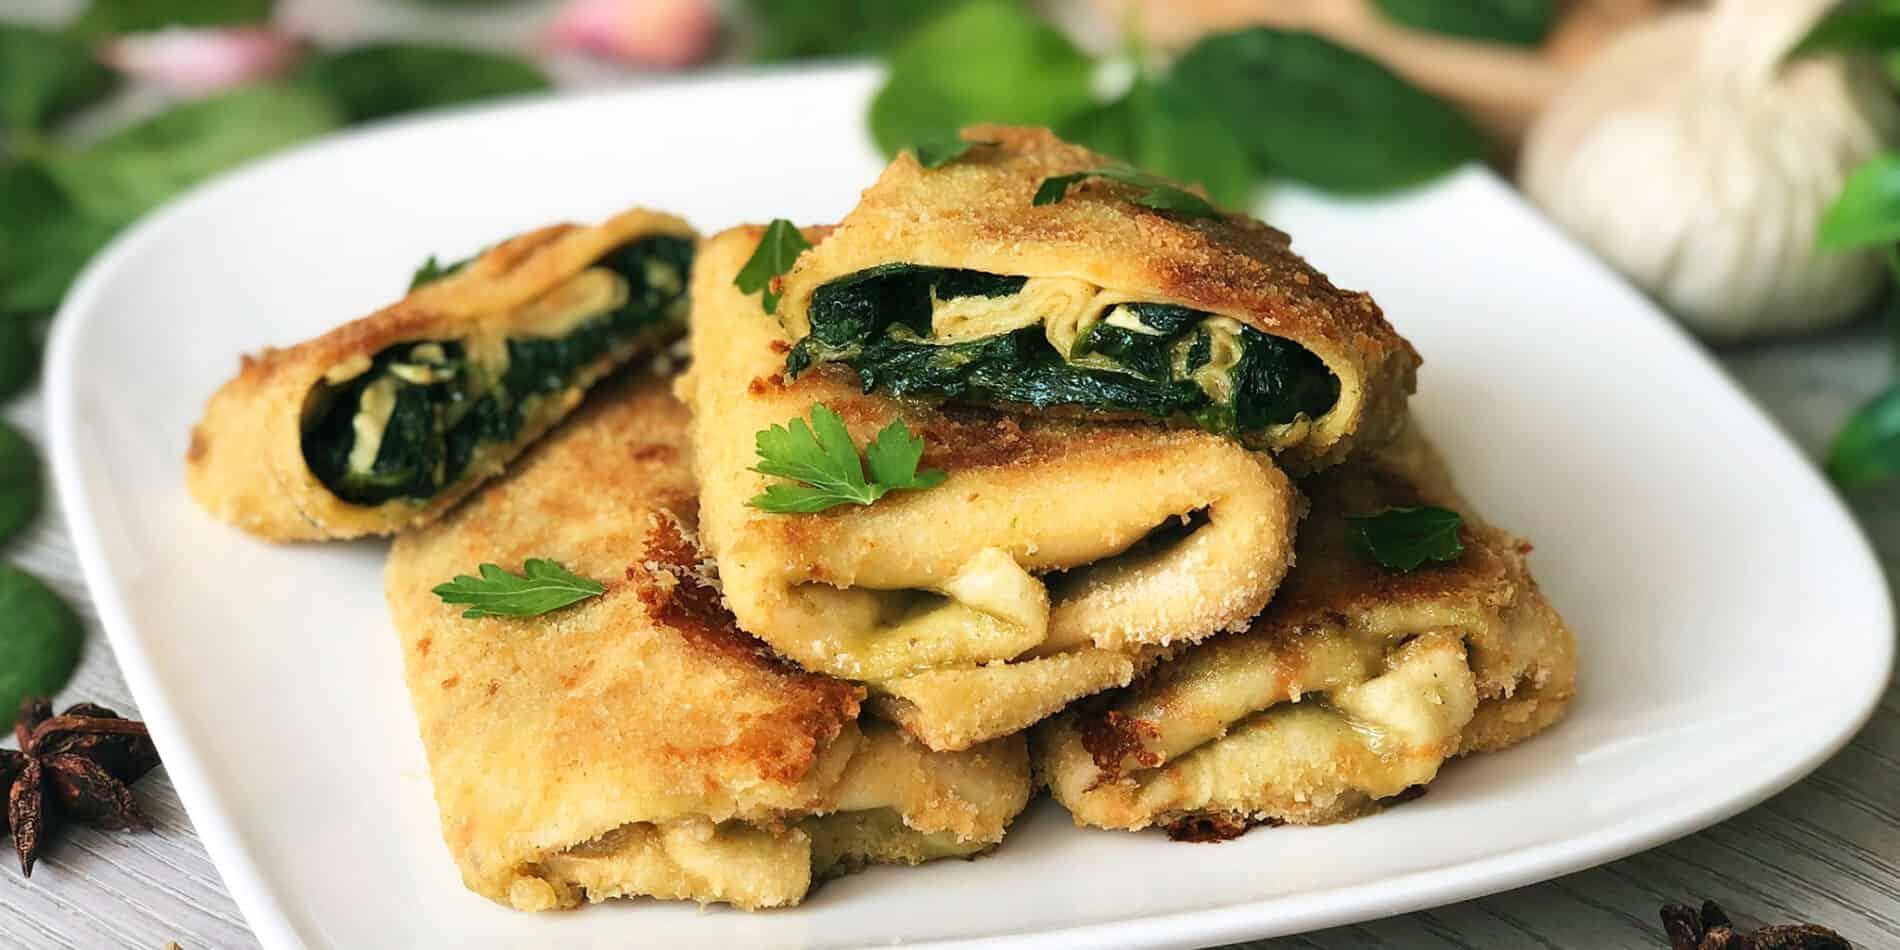 Krokiety z serem camembert i szpinakiem - propozycja przygotowania